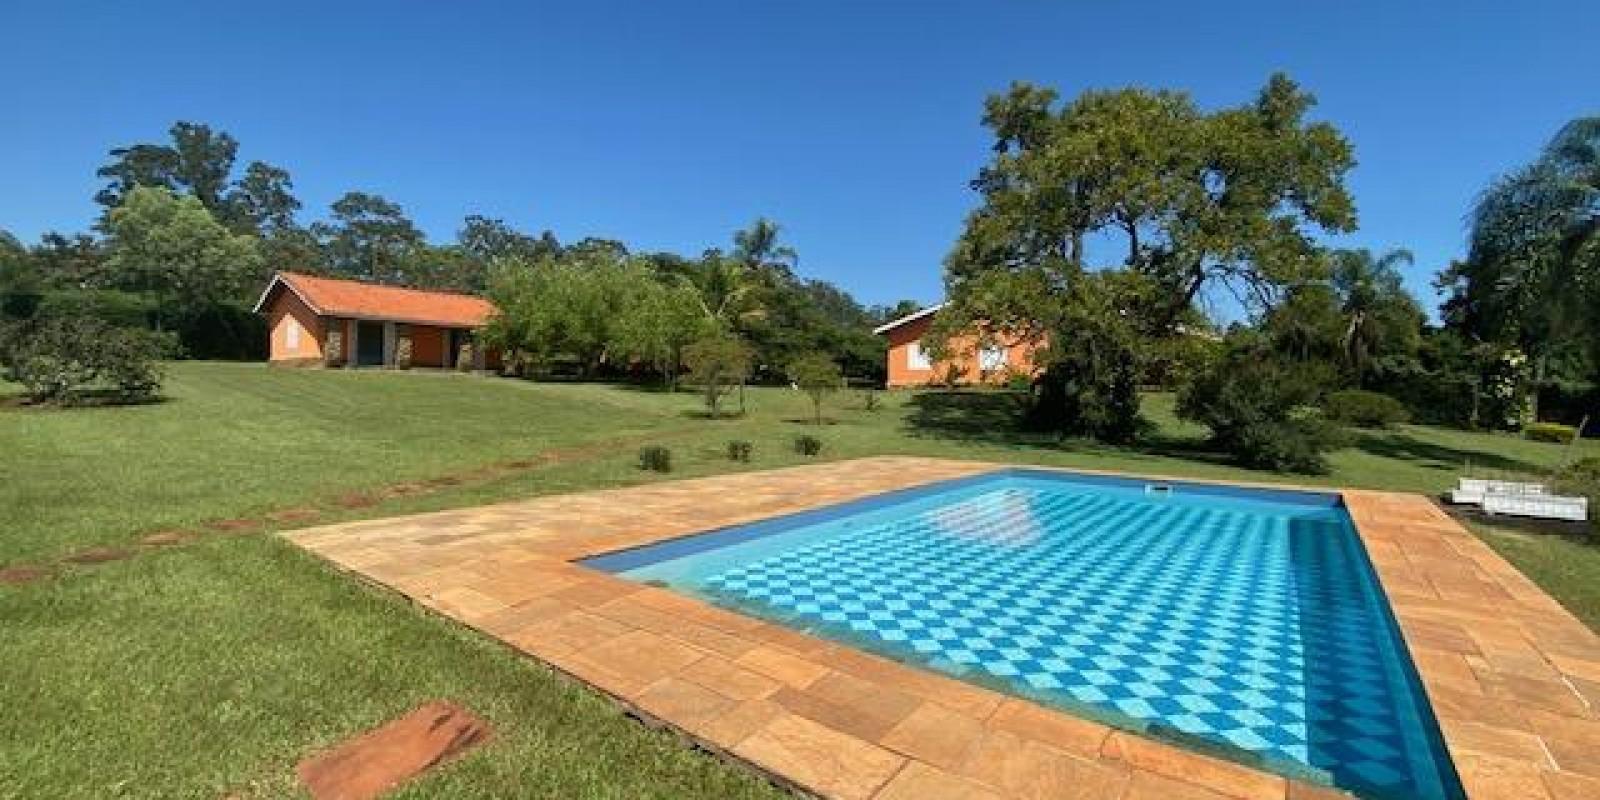 Casa na Represa Condomínio  Parque Náutico em Avaré SP - Foto 38 de 40